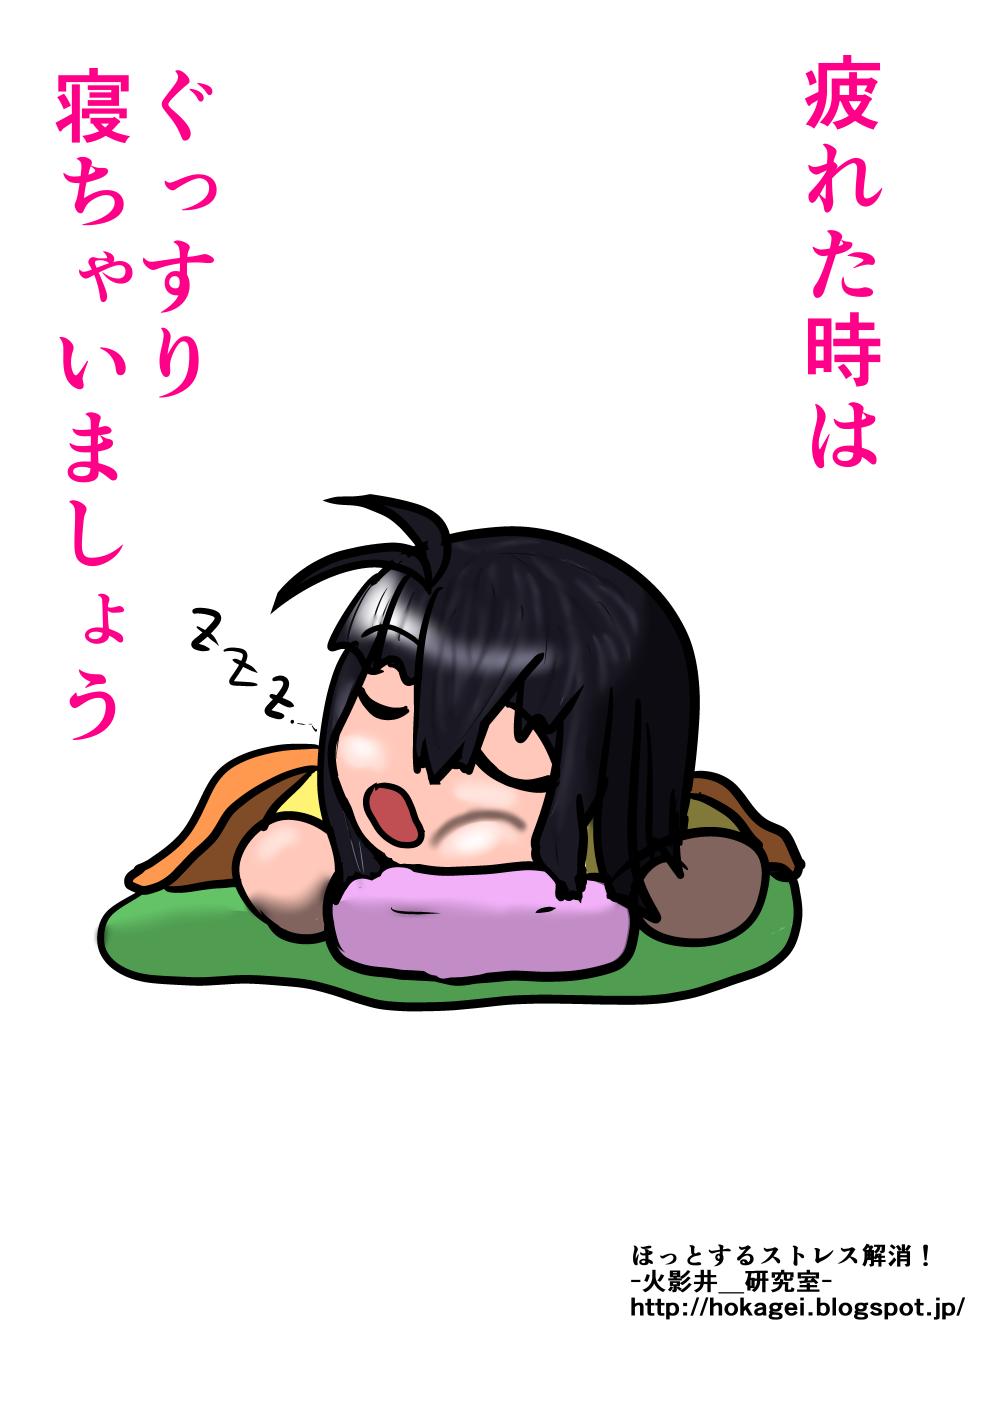 【ほっとする】疲れた時は寝ちゃいましょう!【今日の楓さんラクガキ】